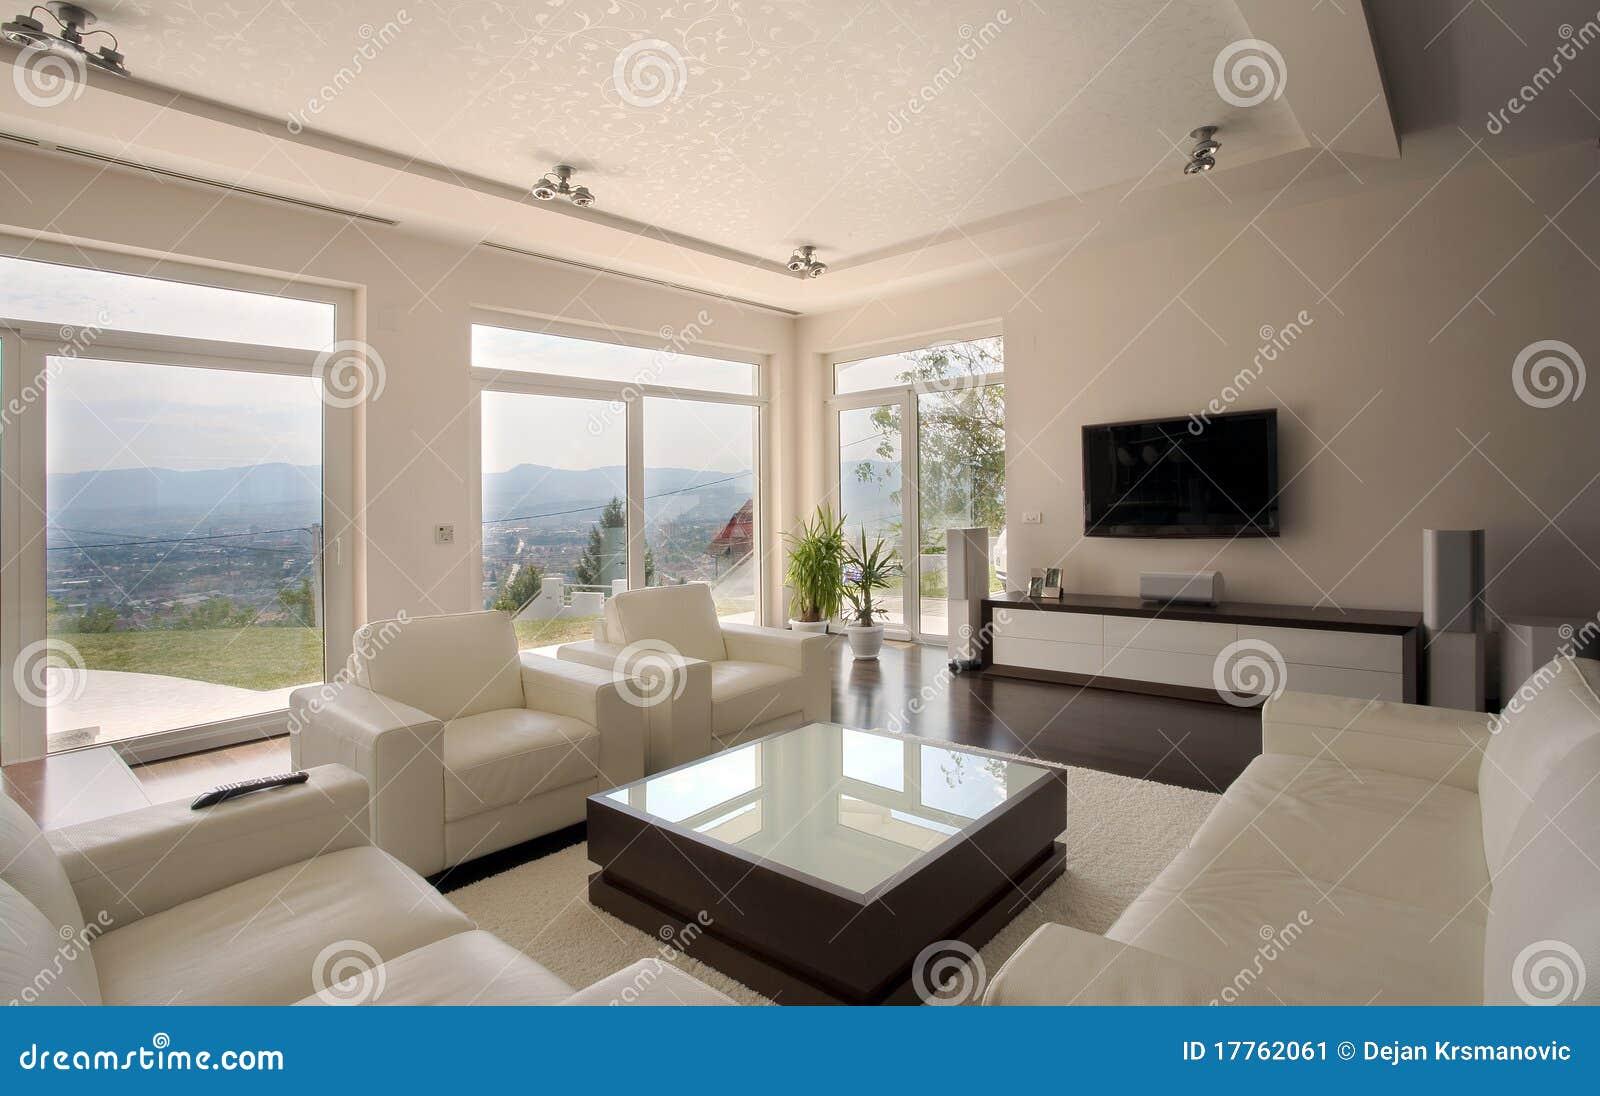 Haus-Innenraum stockbild. Bild von möbel, aufbau, modern - 17762061